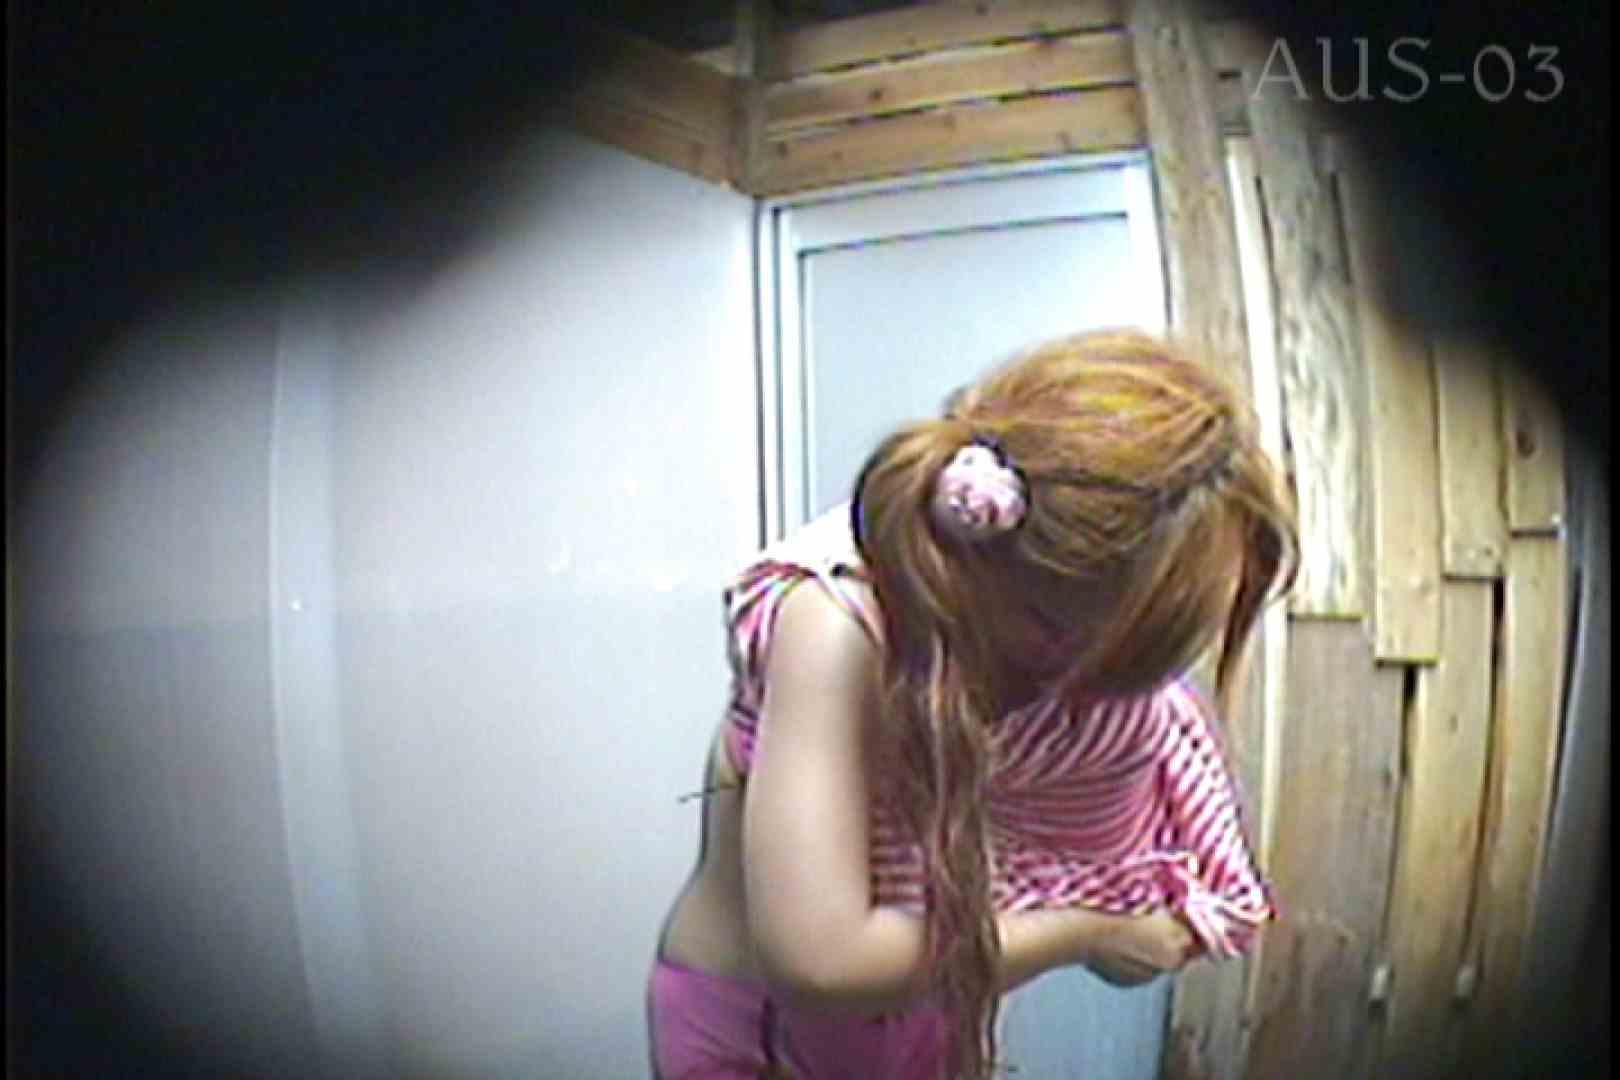 海の家の更衣室 Vol.14 シャワー おまんこ無修正動画無料 91画像 70